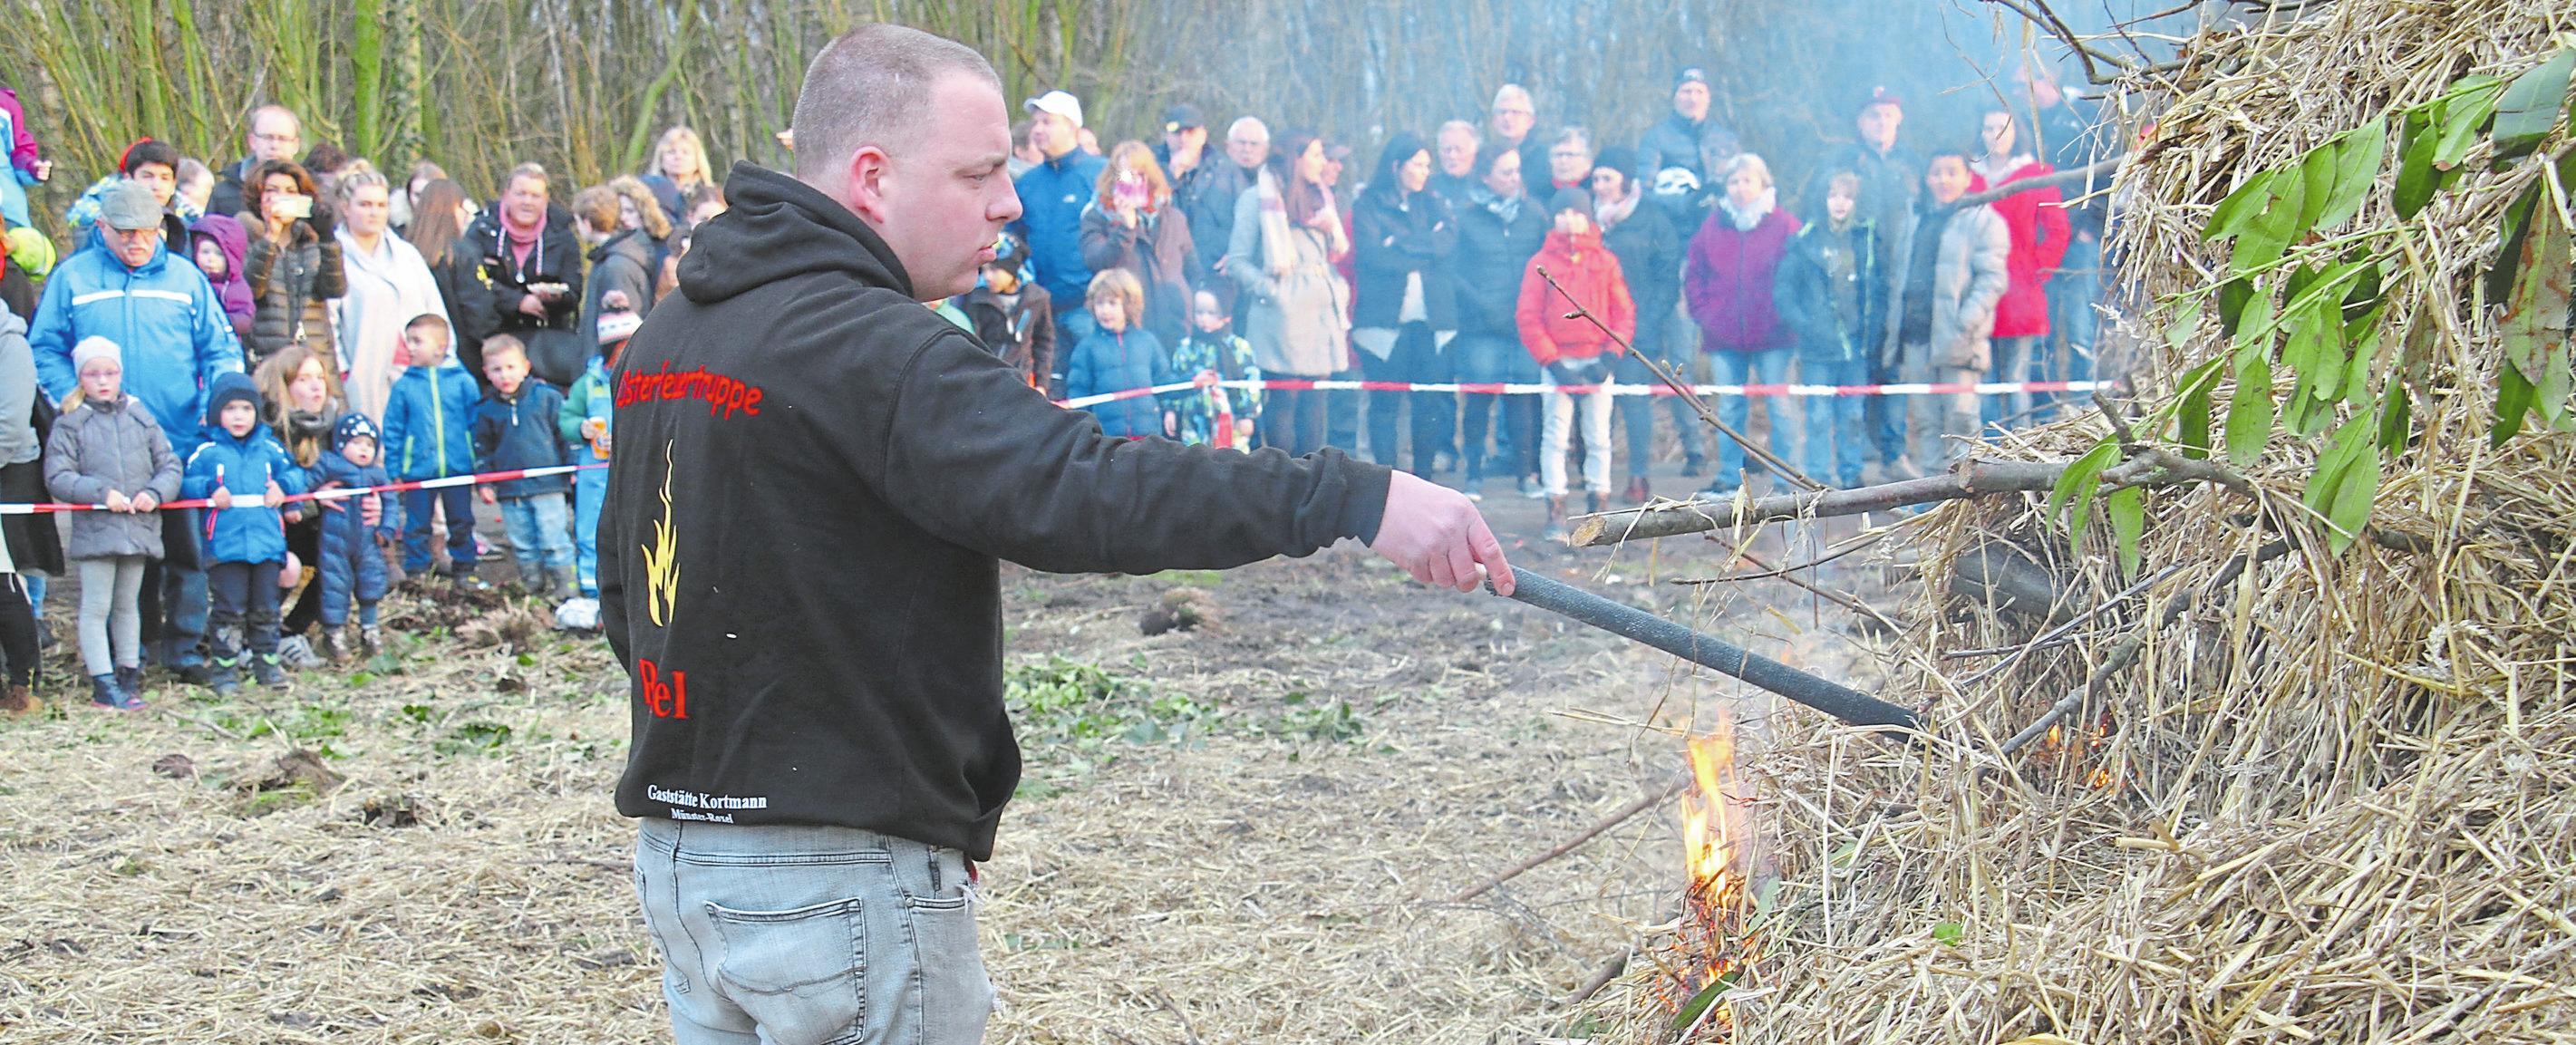 Philipp Grawemeyer von der Osterfeuertruppe lässt das Holz in Flammen aufgehen.